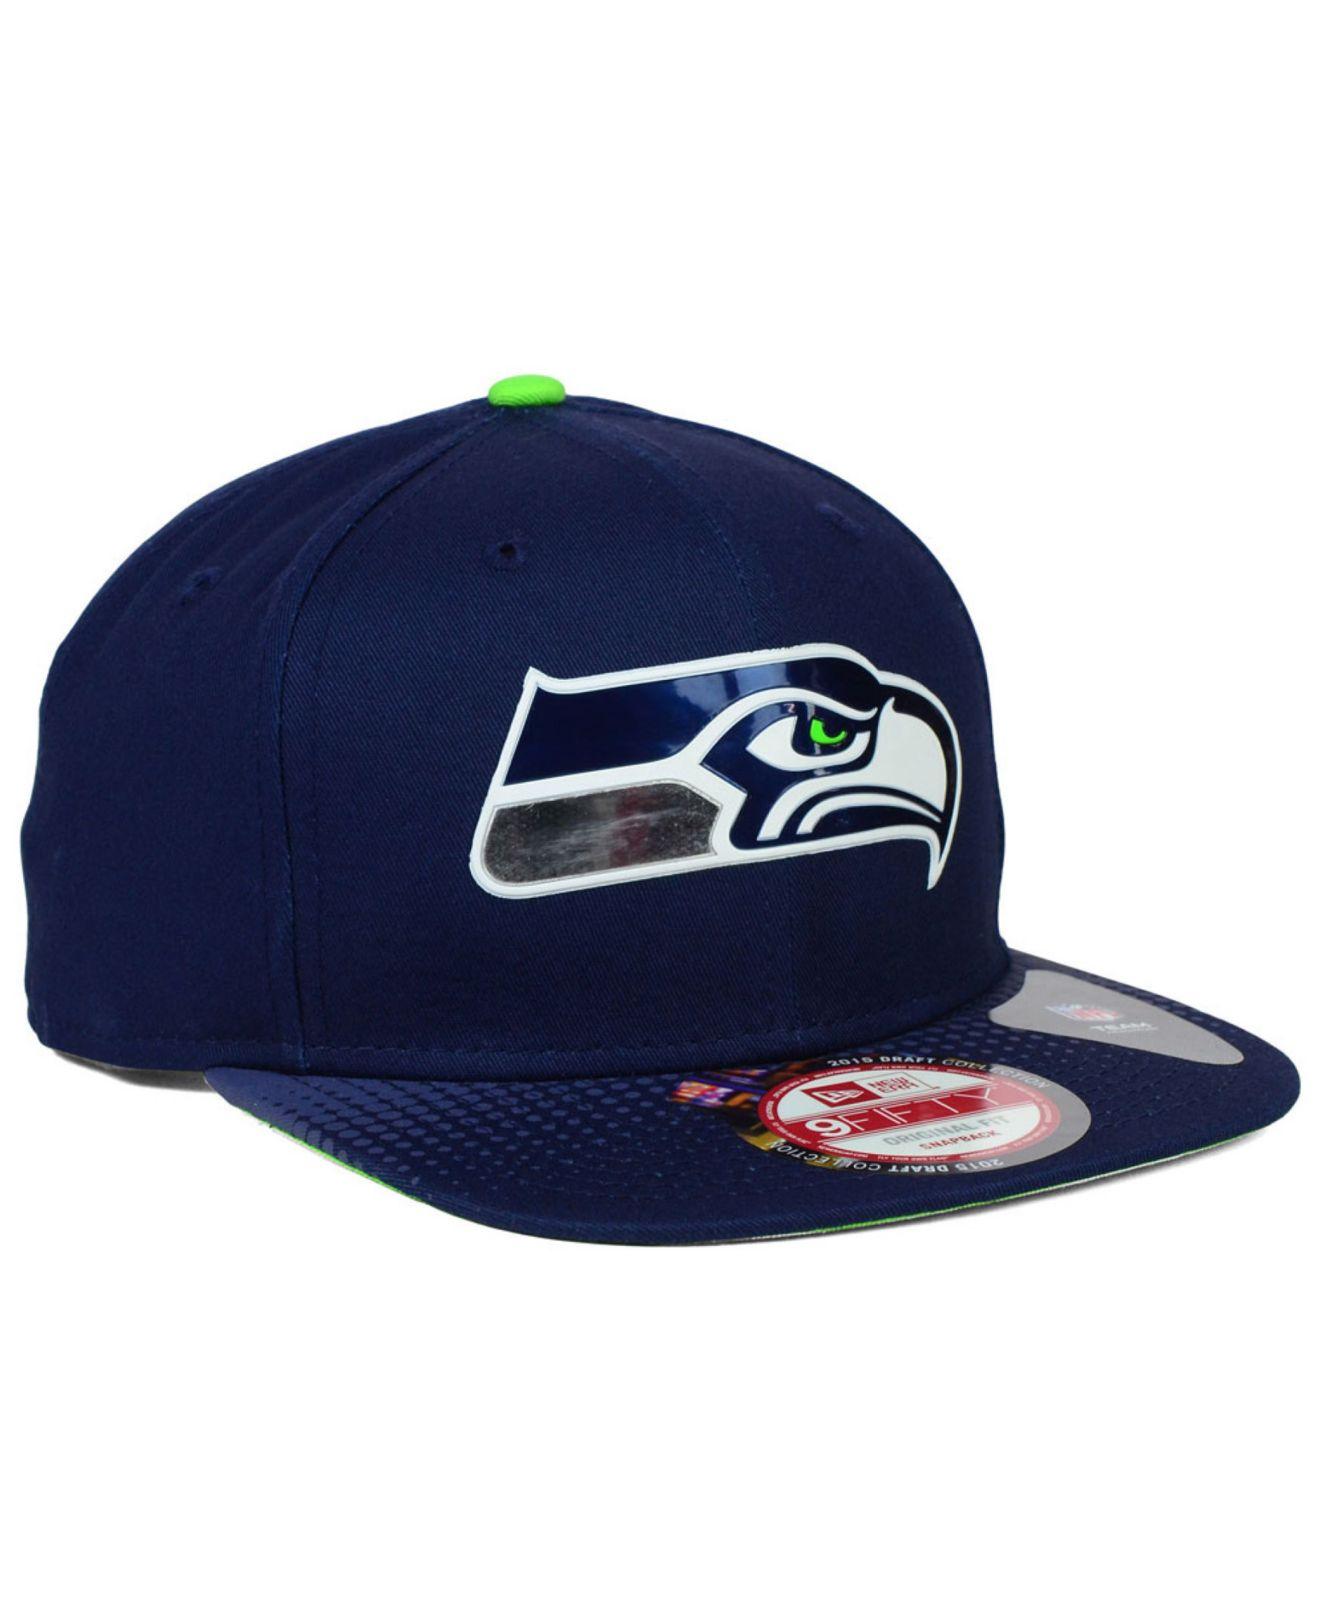 539293b46 Lyst - KTZ Seattle Seahawks 2015 Nfl Draft 9fifty Snapback Cap in ...